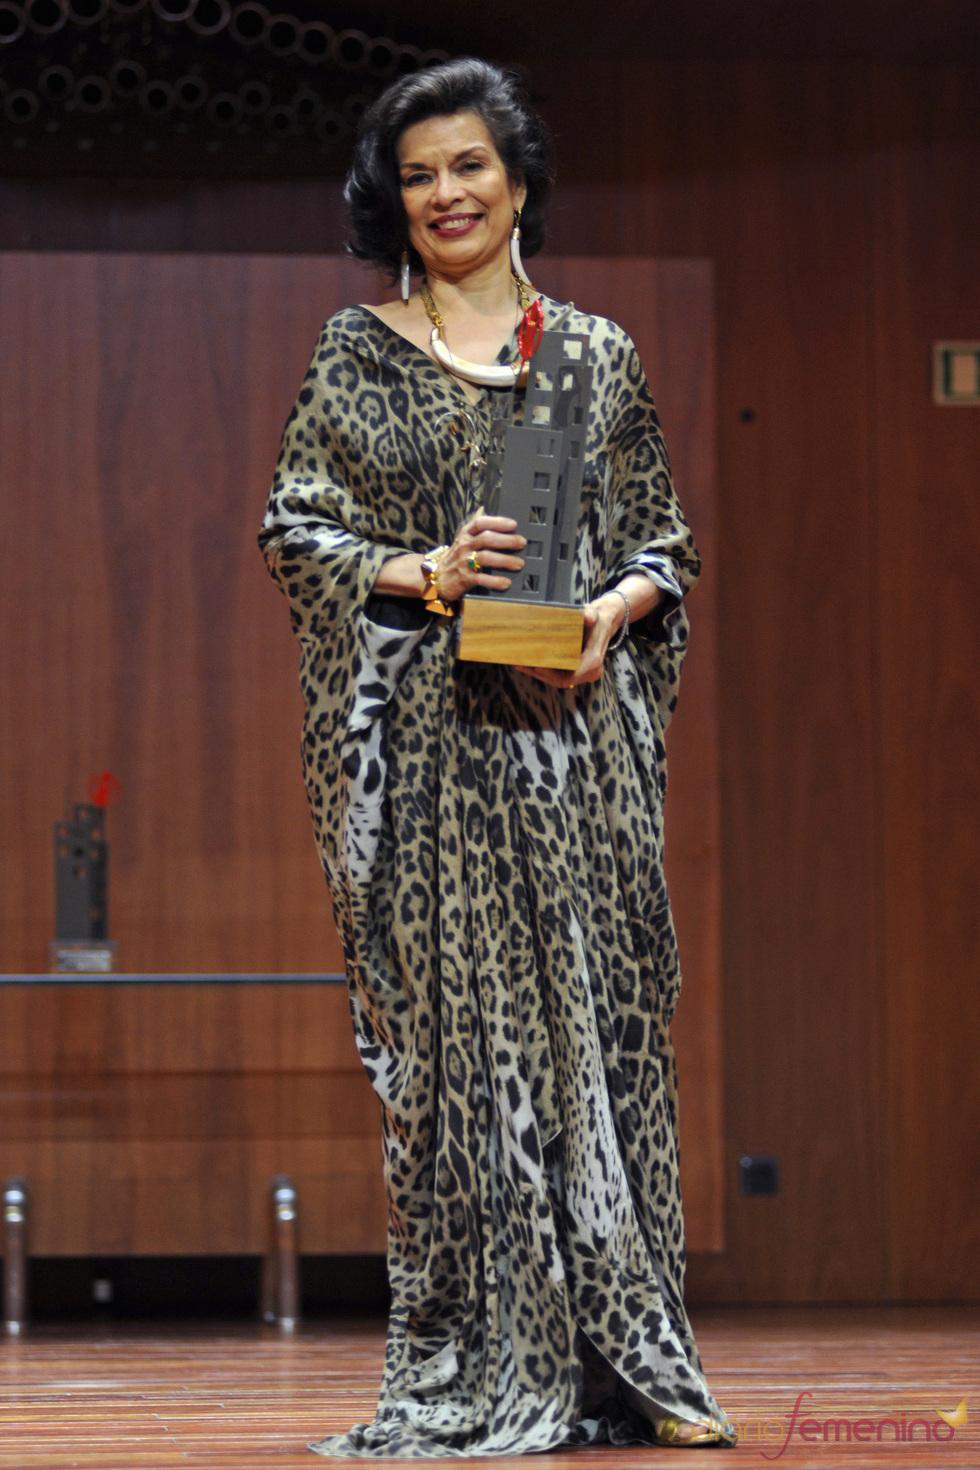 Bianca Jagger con su premio Save the children